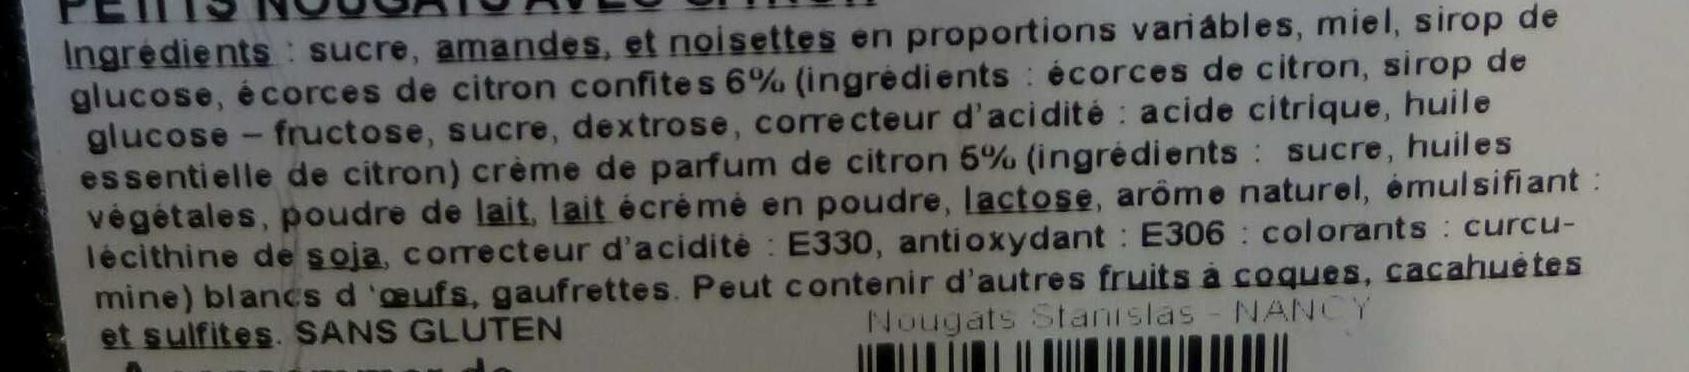 Nougat tendres citron - Ingrédients - fr